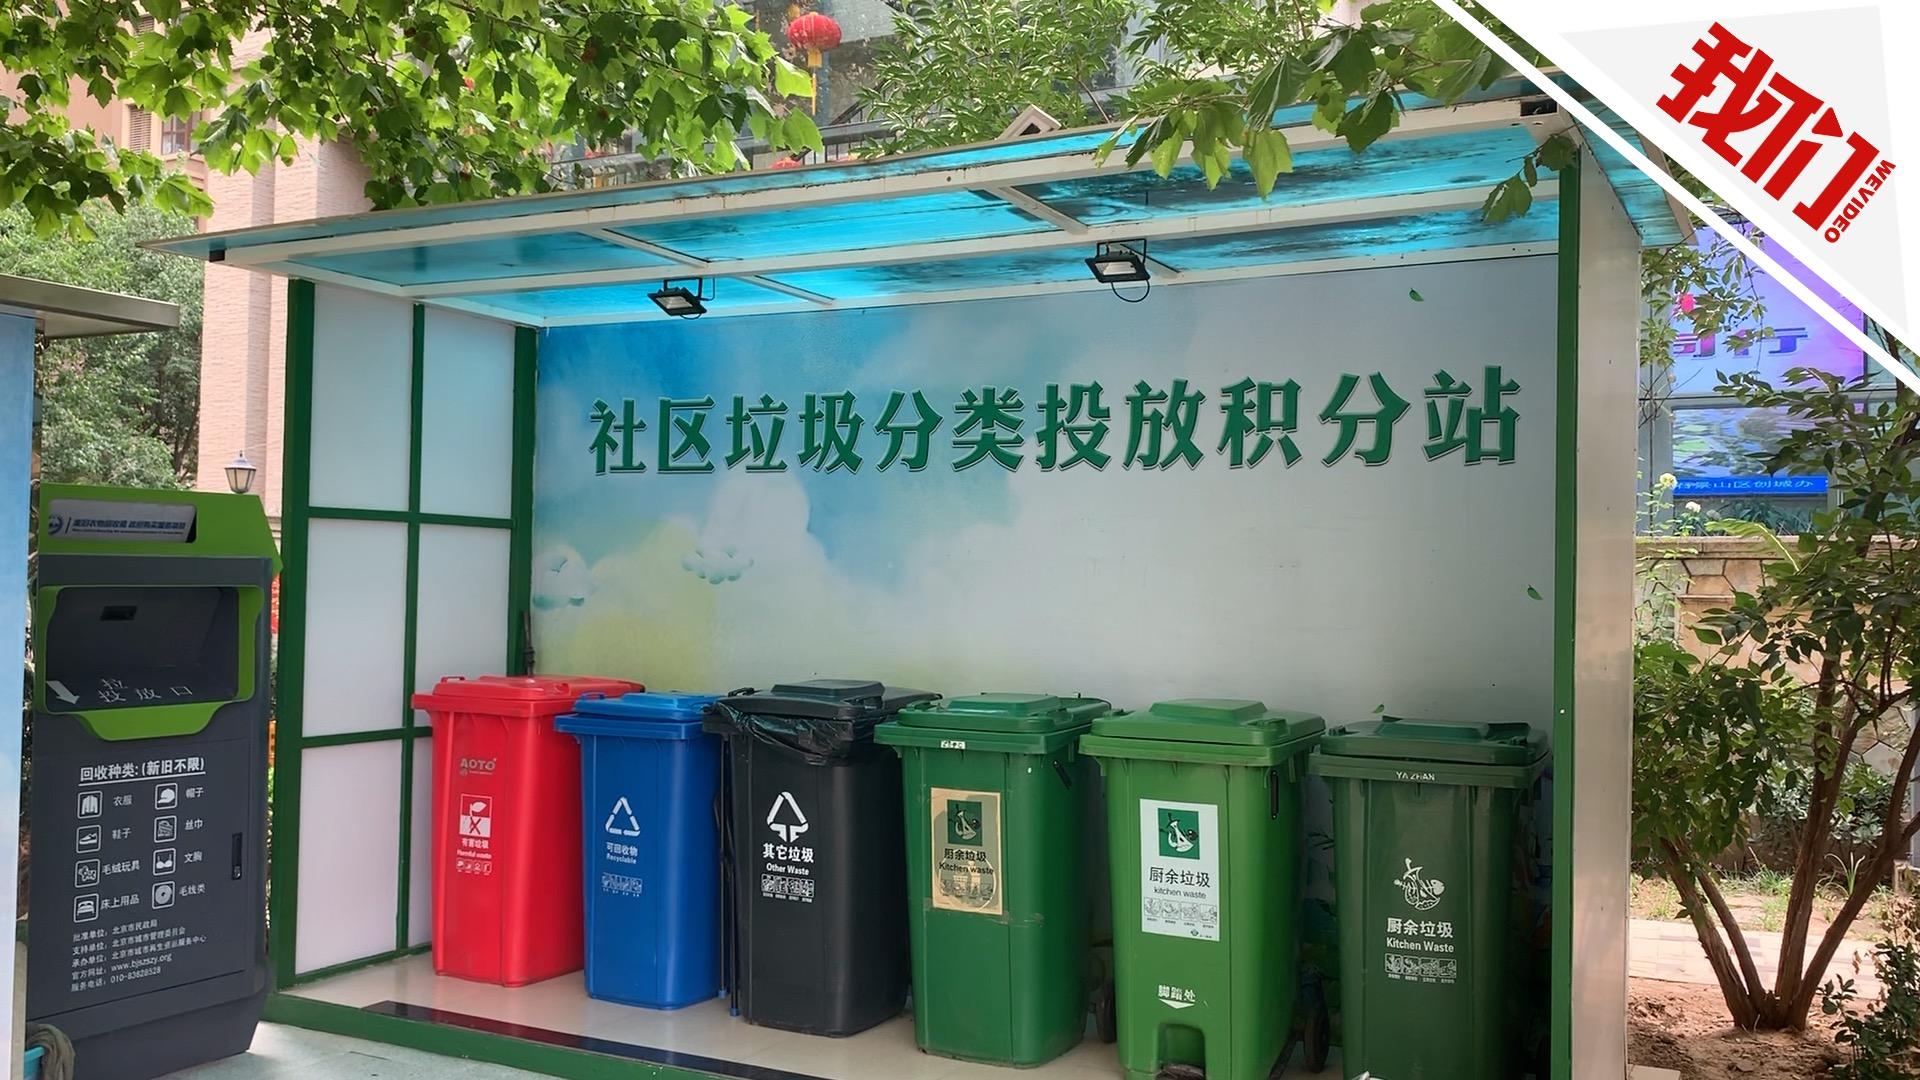 """垃圾分类新国标,为何把""""湿垃圾""""统一成""""厨余垃圾"""""""